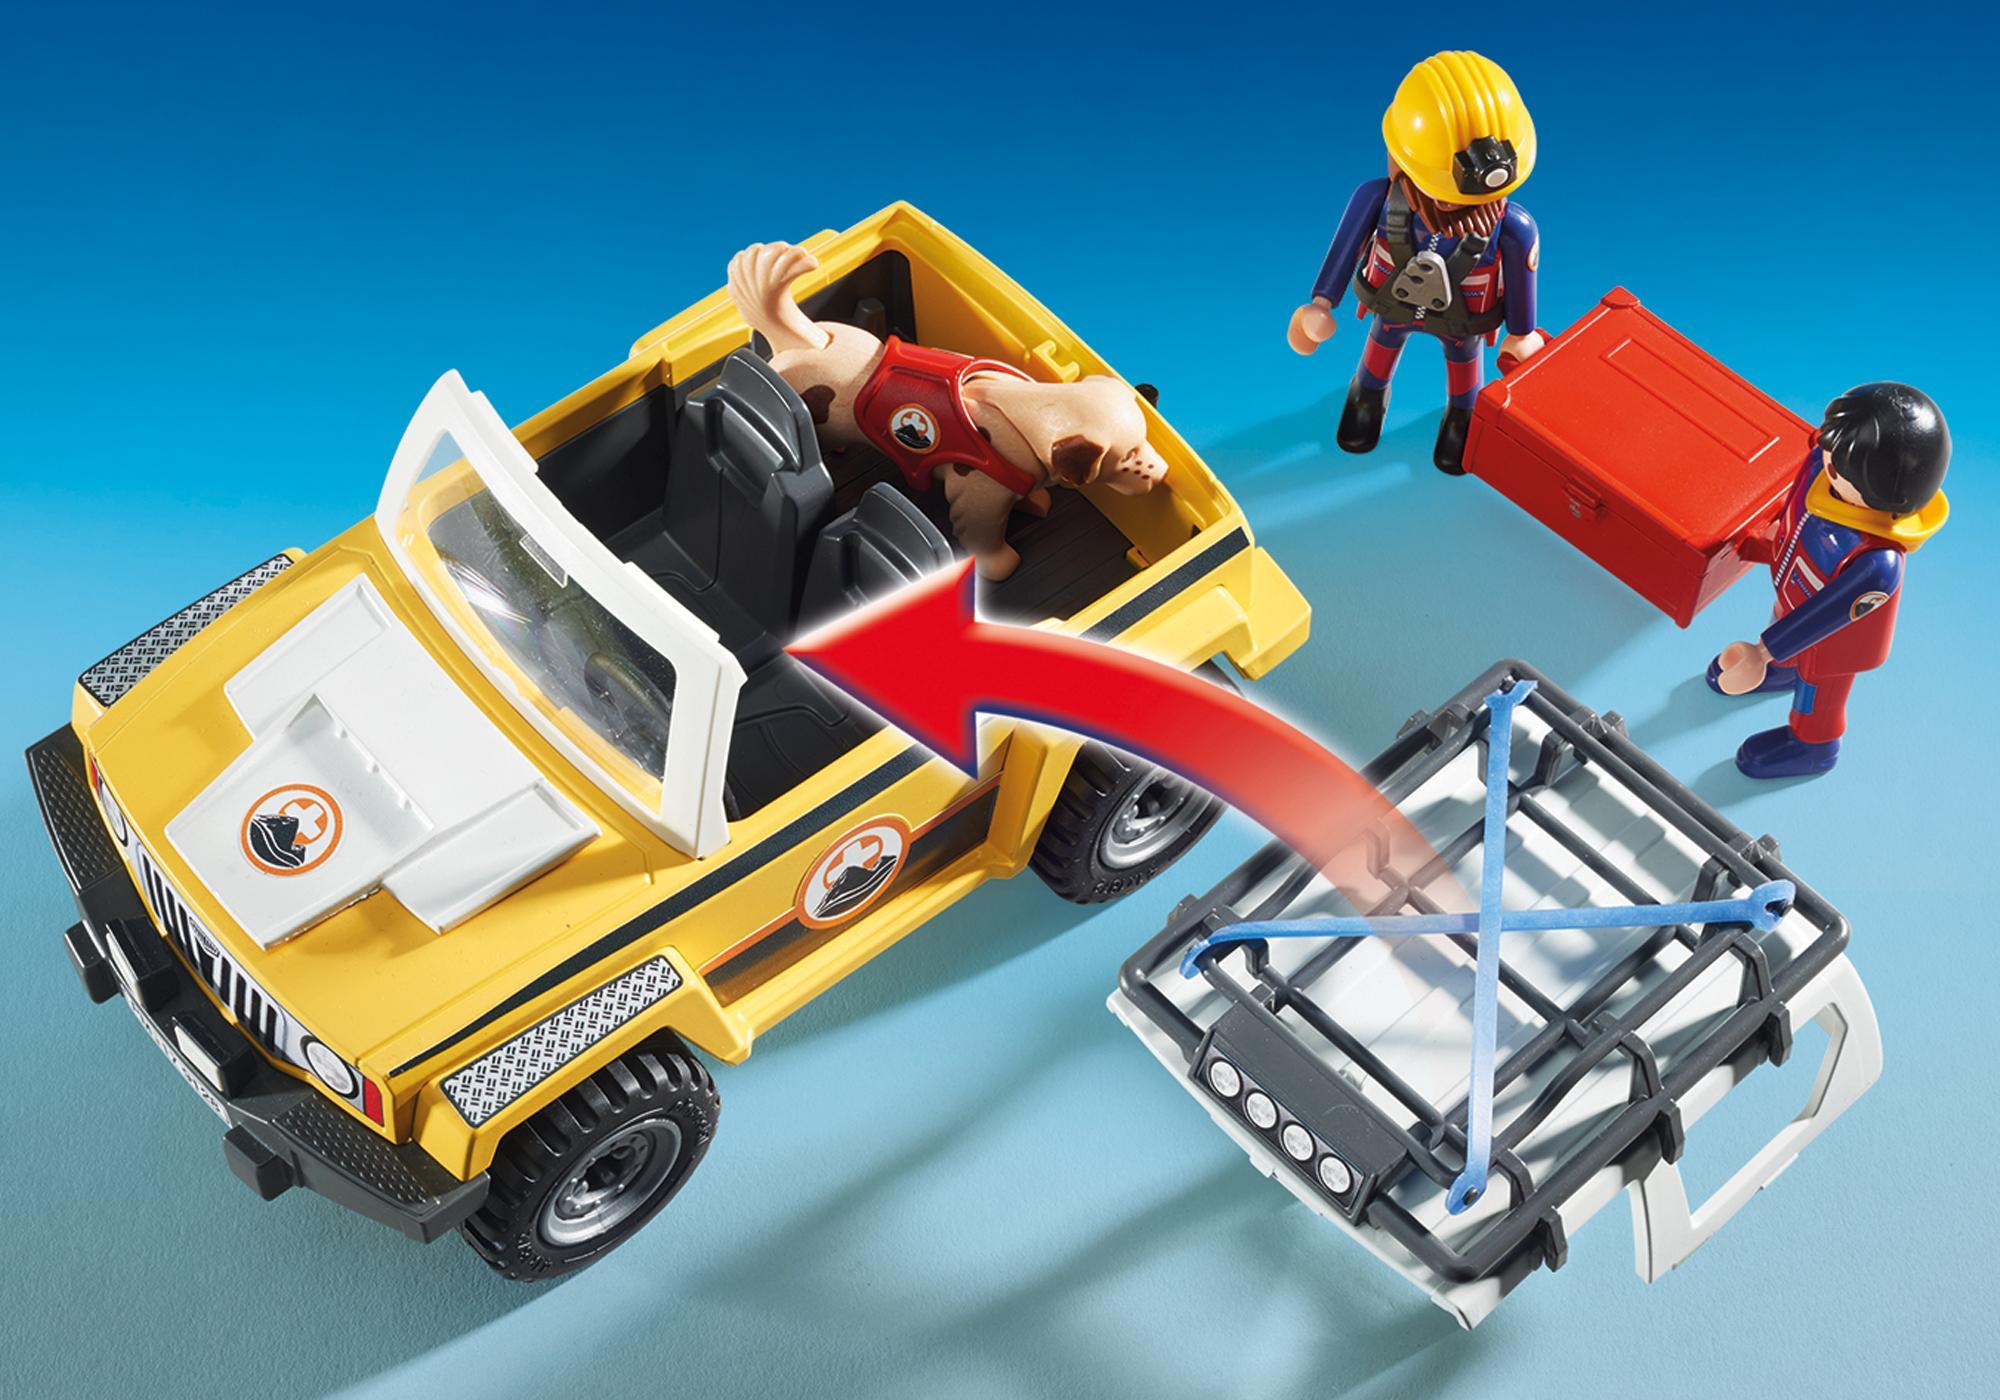 http://media.playmobil.com/i/playmobil/9128_product_extra3/Secouristes des montagnes avec véhicule